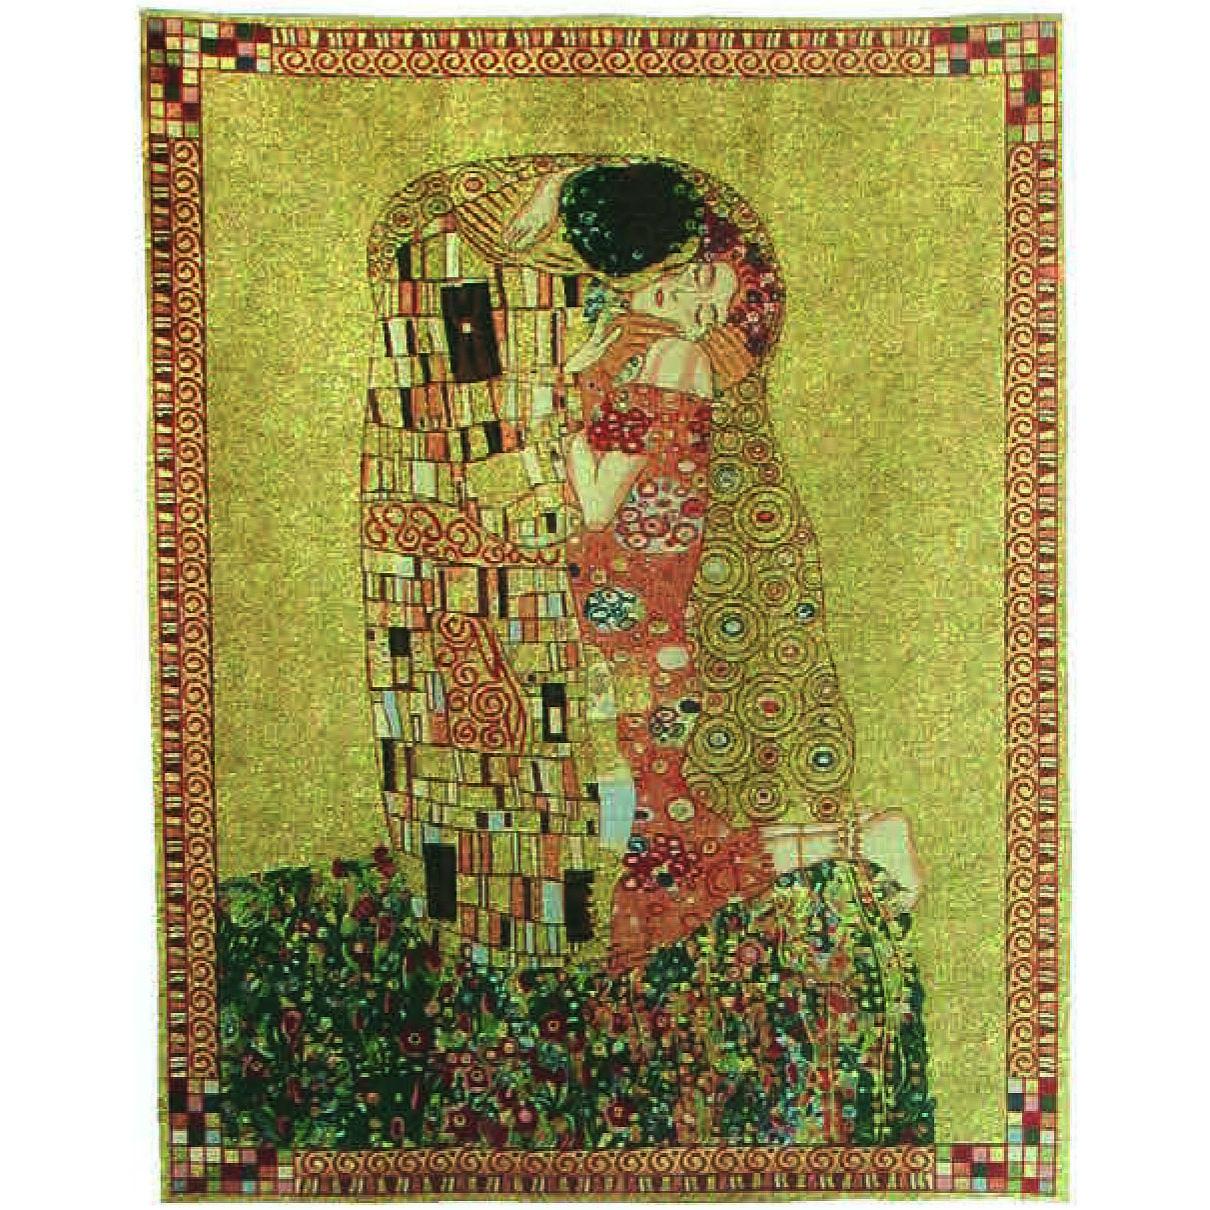 Luka, T1647 Der Kuss Gustav Klimt <br> Гобелен Поцелуй Густав Климт <br>размеры 085х110, 125х175, 175х240